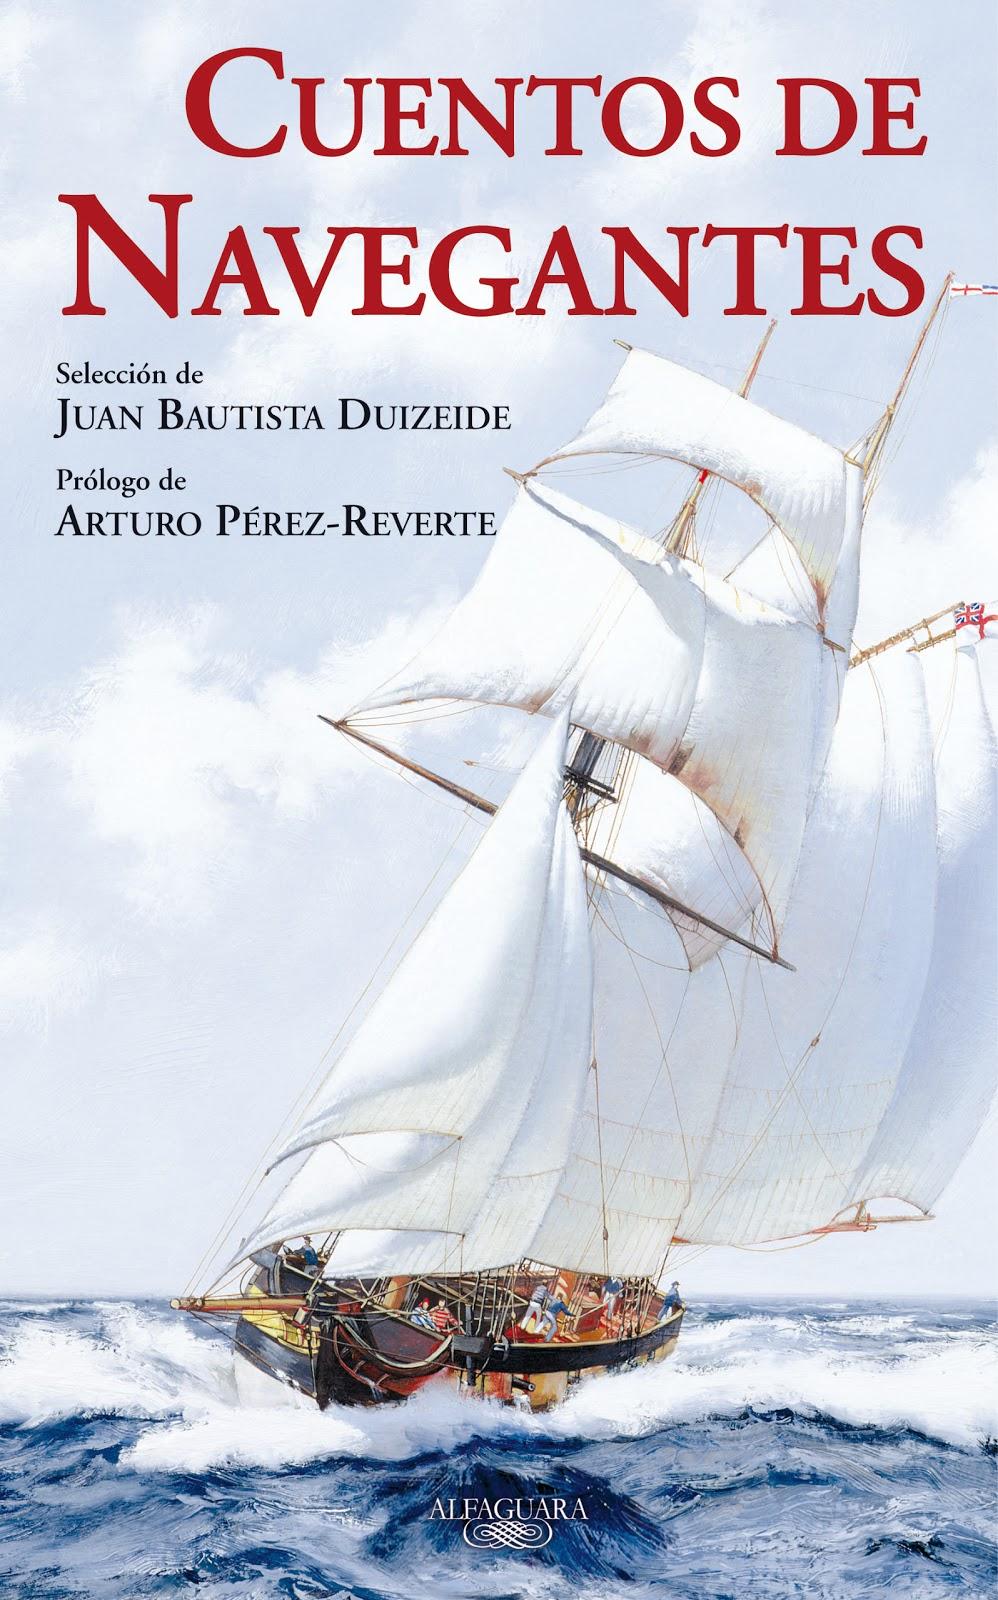 Cuentos de navegantes